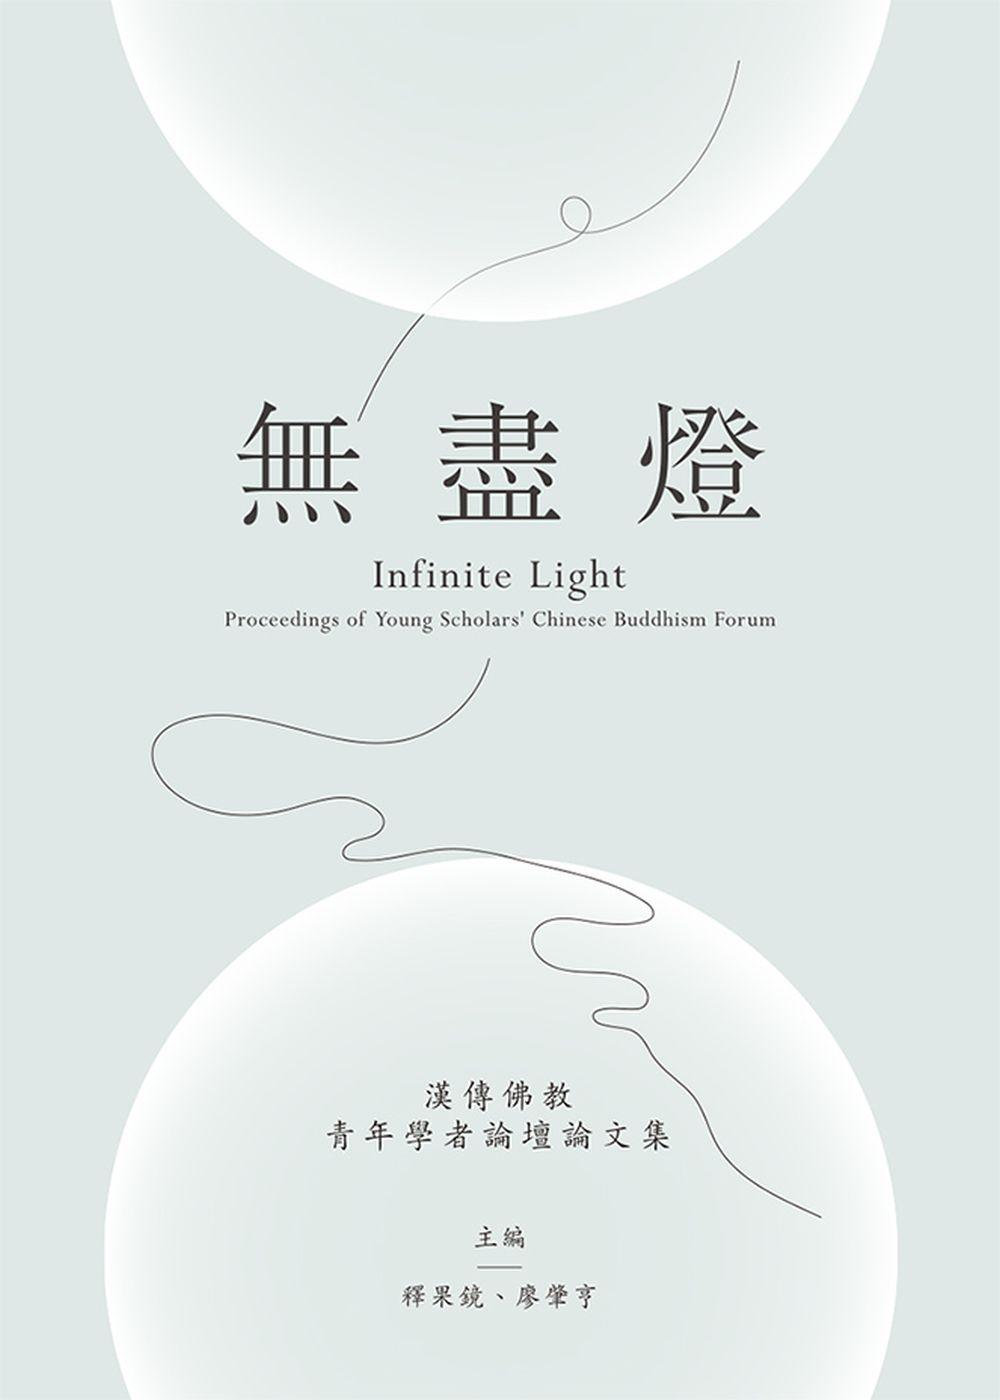 無盡燈——漢傳佛教青年學者論壇論文集